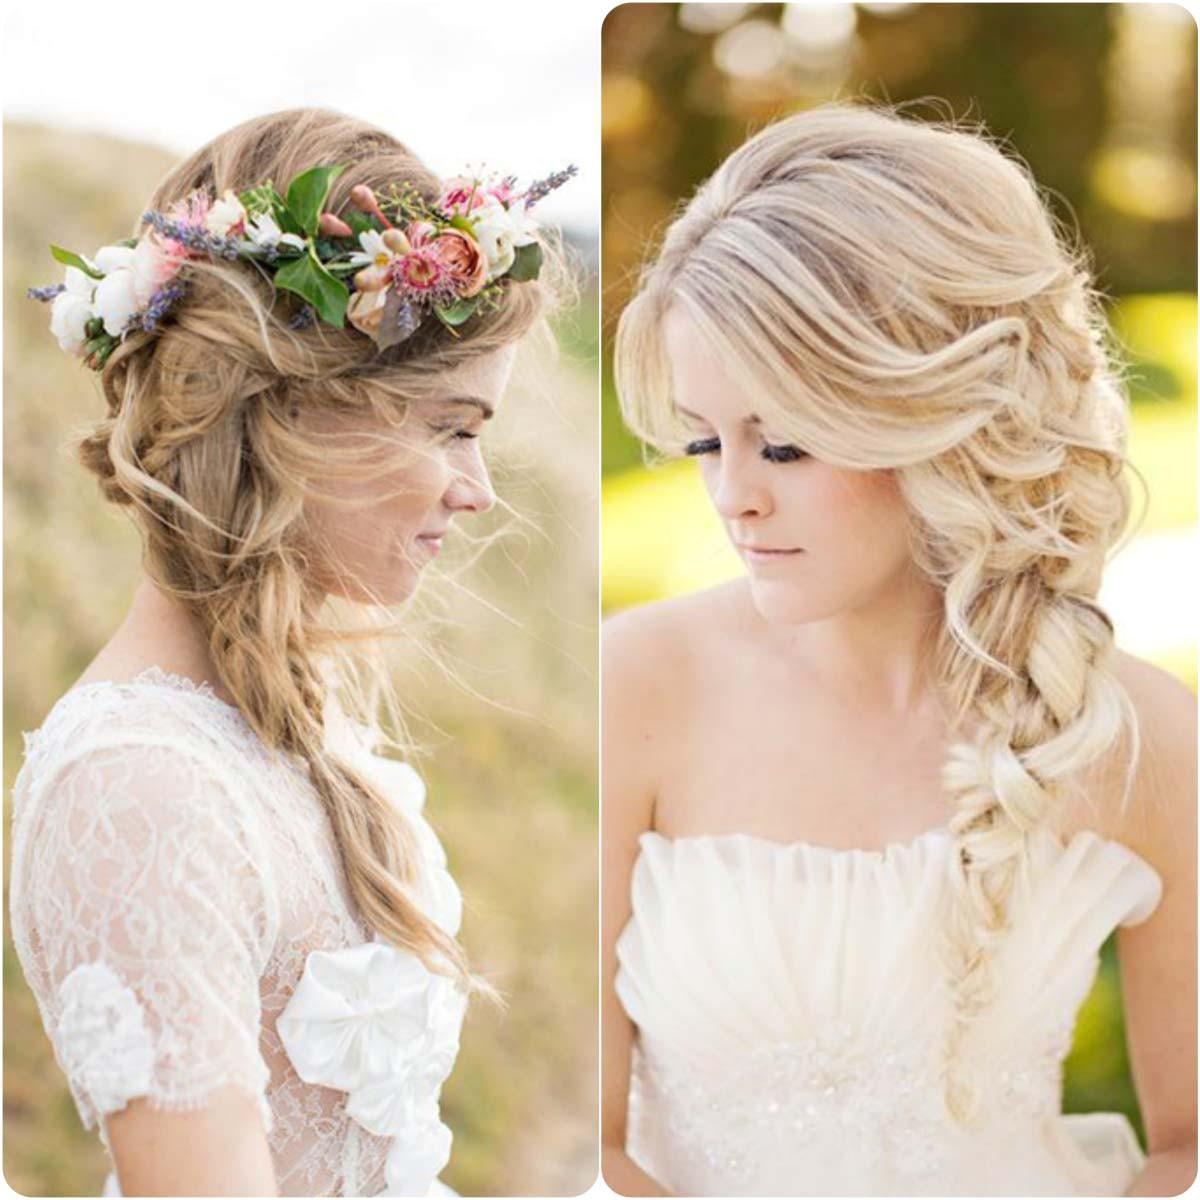 Wedding Plait Hairstyles 20 Braided Hairstyles for Wedding Brides 2016